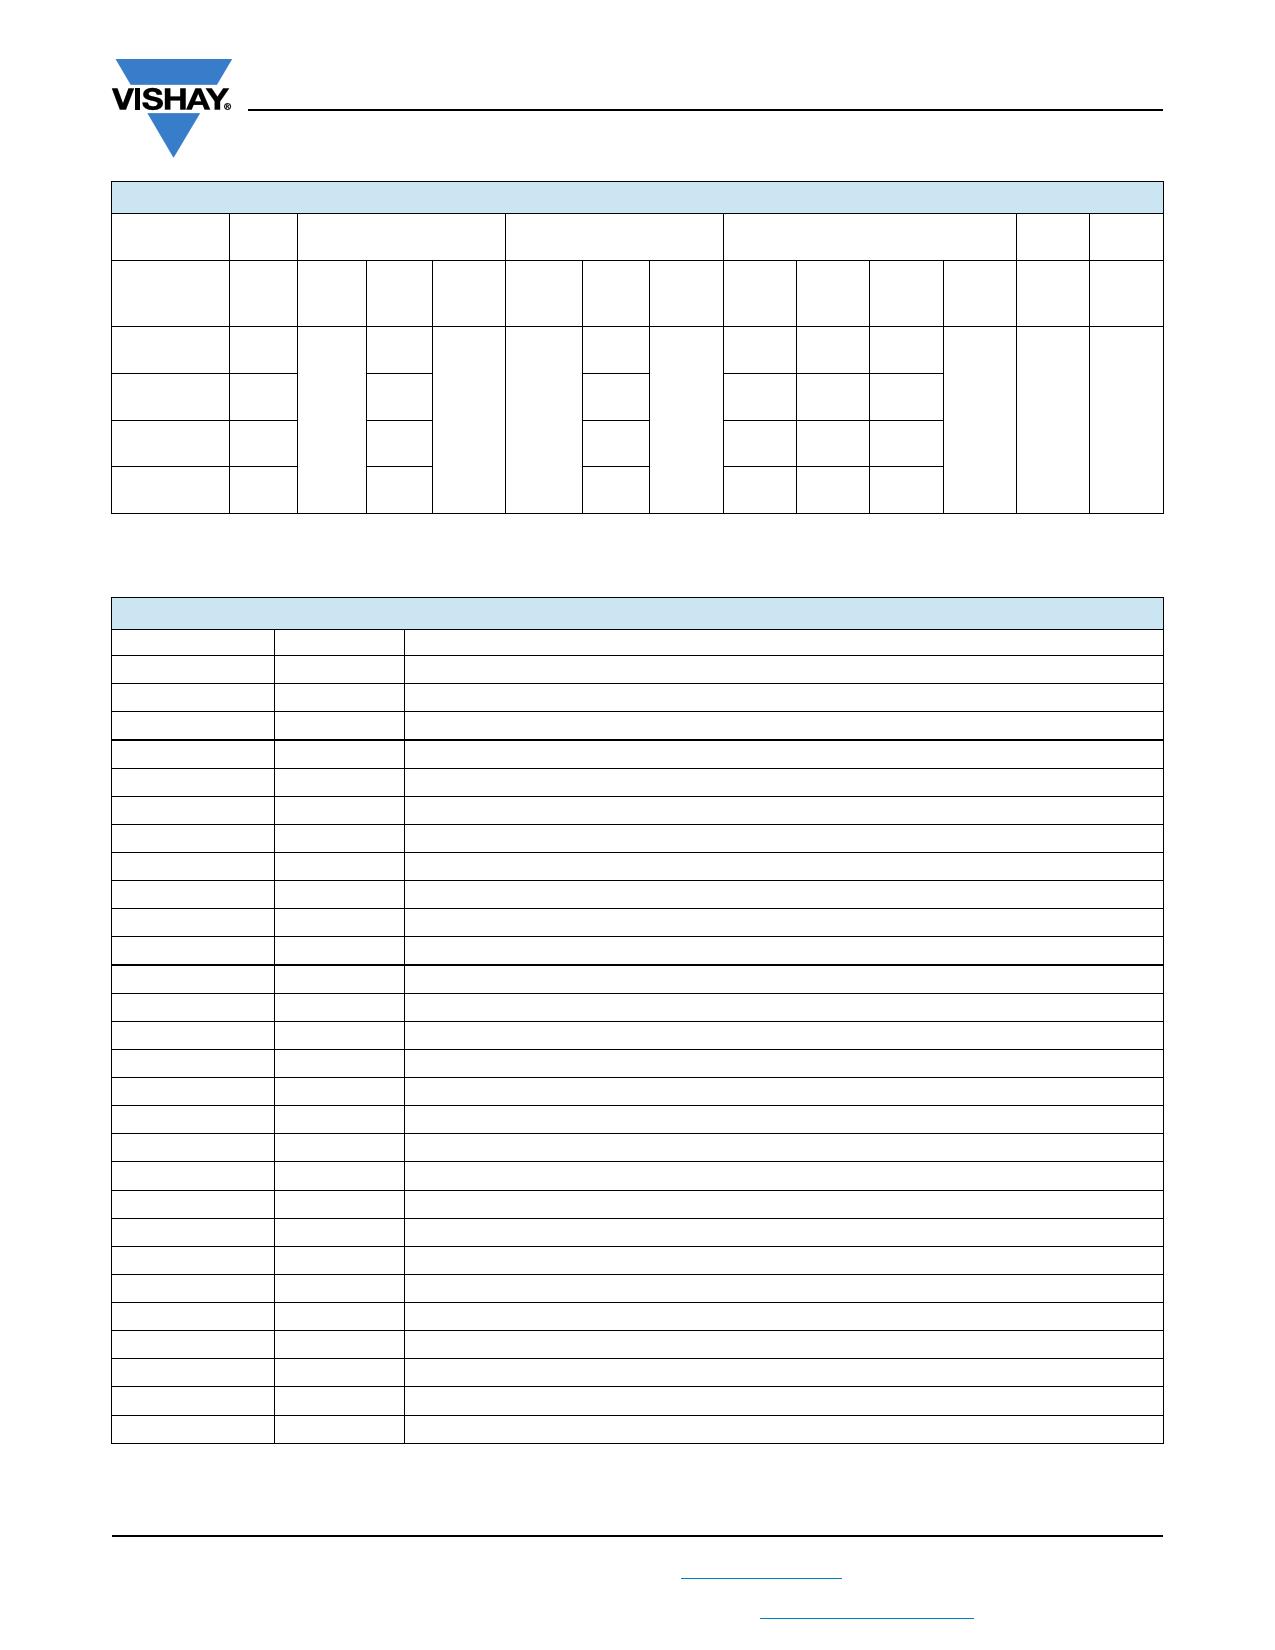 199D157Xxxxx pdf, 電子部品, 半導体, ピン配列